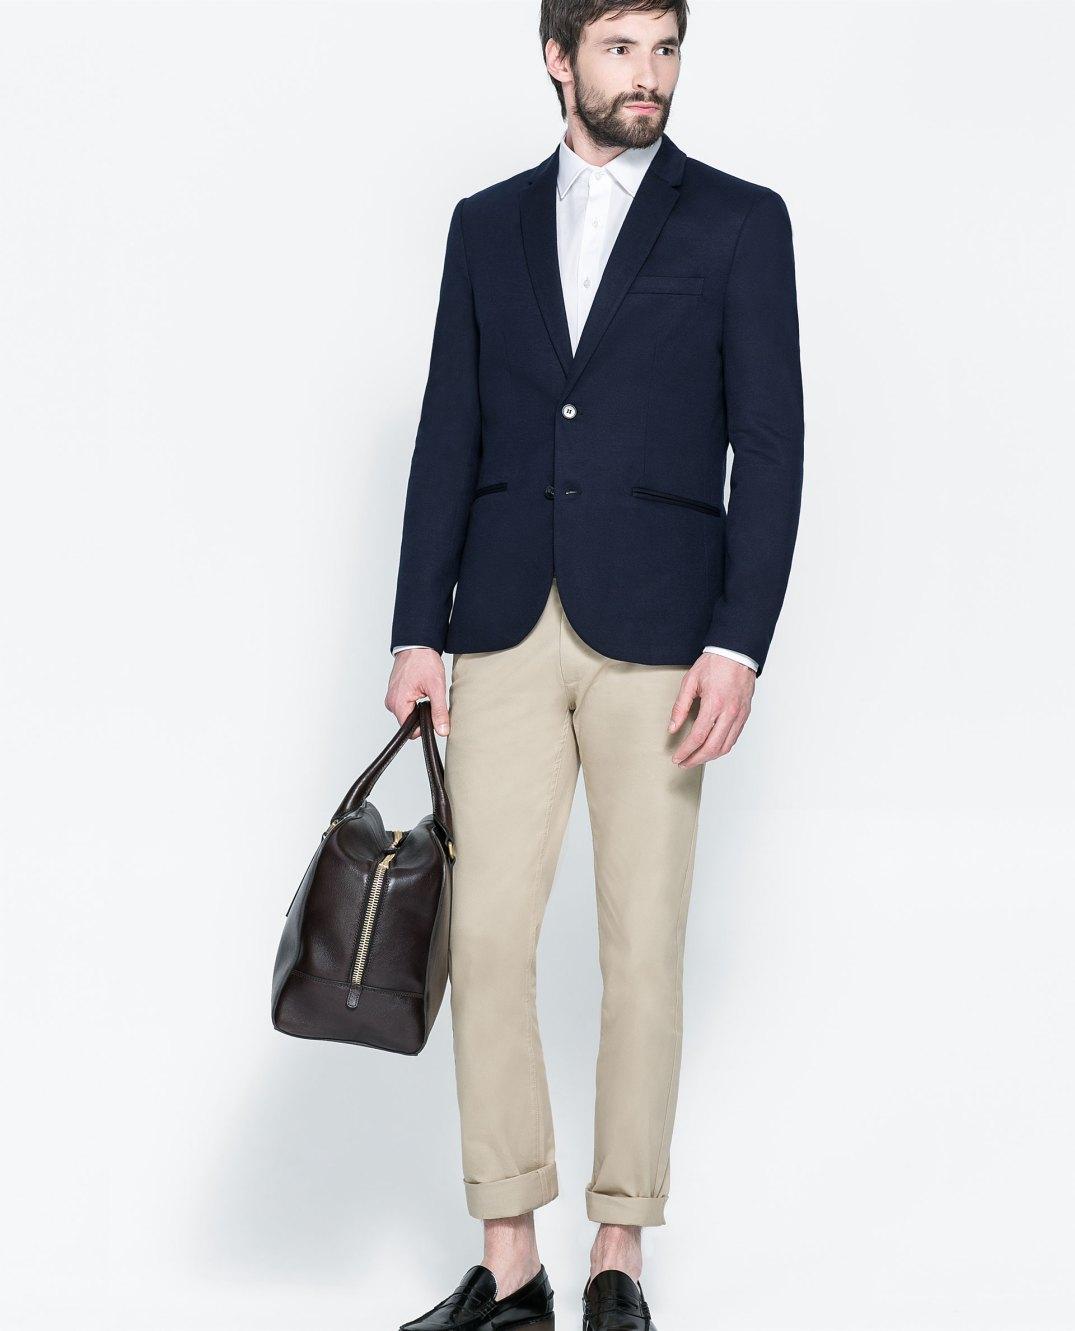 Blazer azul tinta combinada con pantalón beige y zapato negro de zara.com